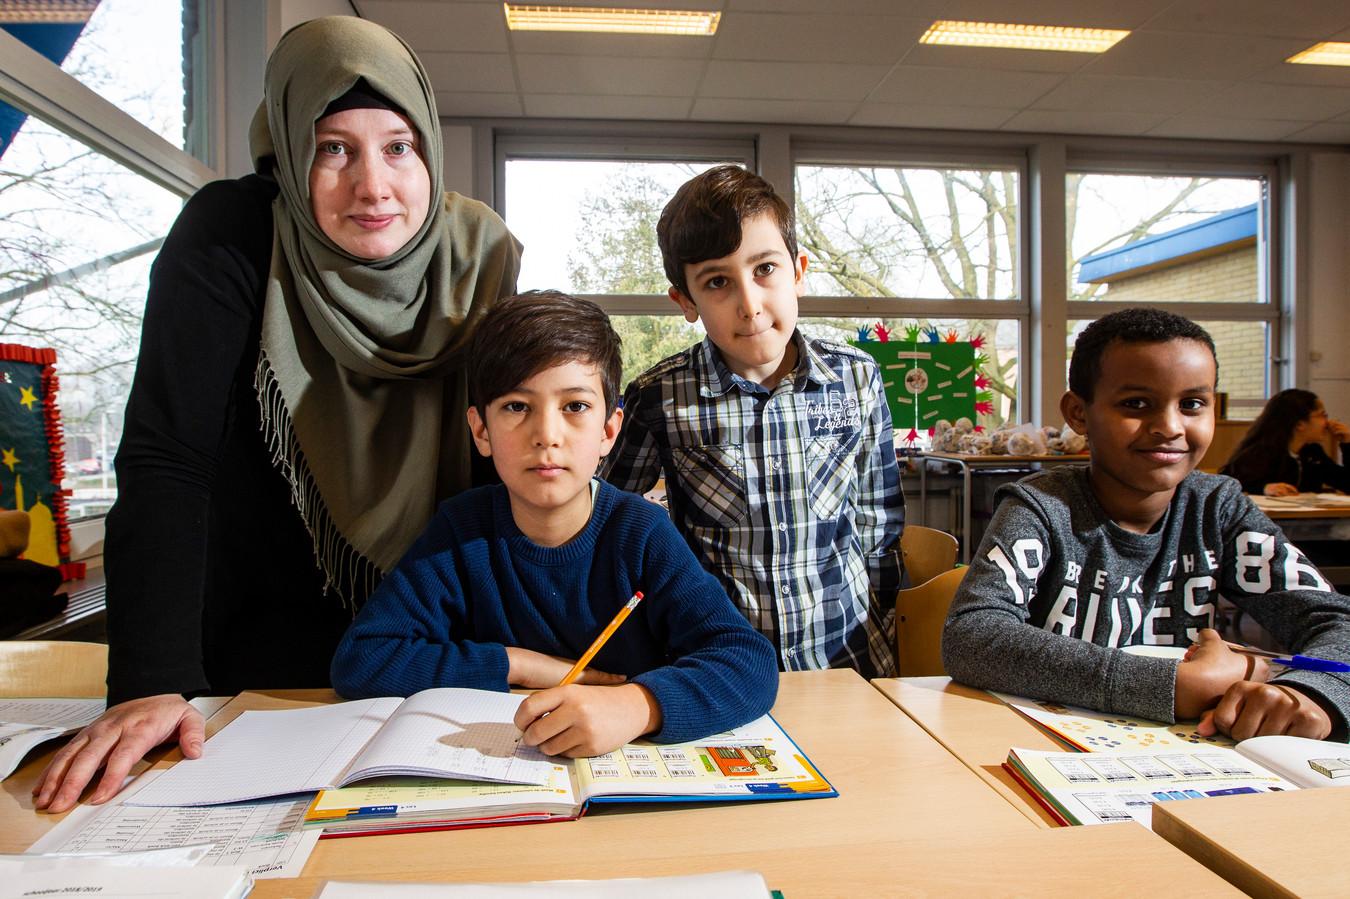 Wahab (blauwe shirt) uit groep 5 zit op de islamitische basisschool De Zonnebloem in Deventer. Links juf Lotte, samen met juf Lian leerkracht van groep 5.